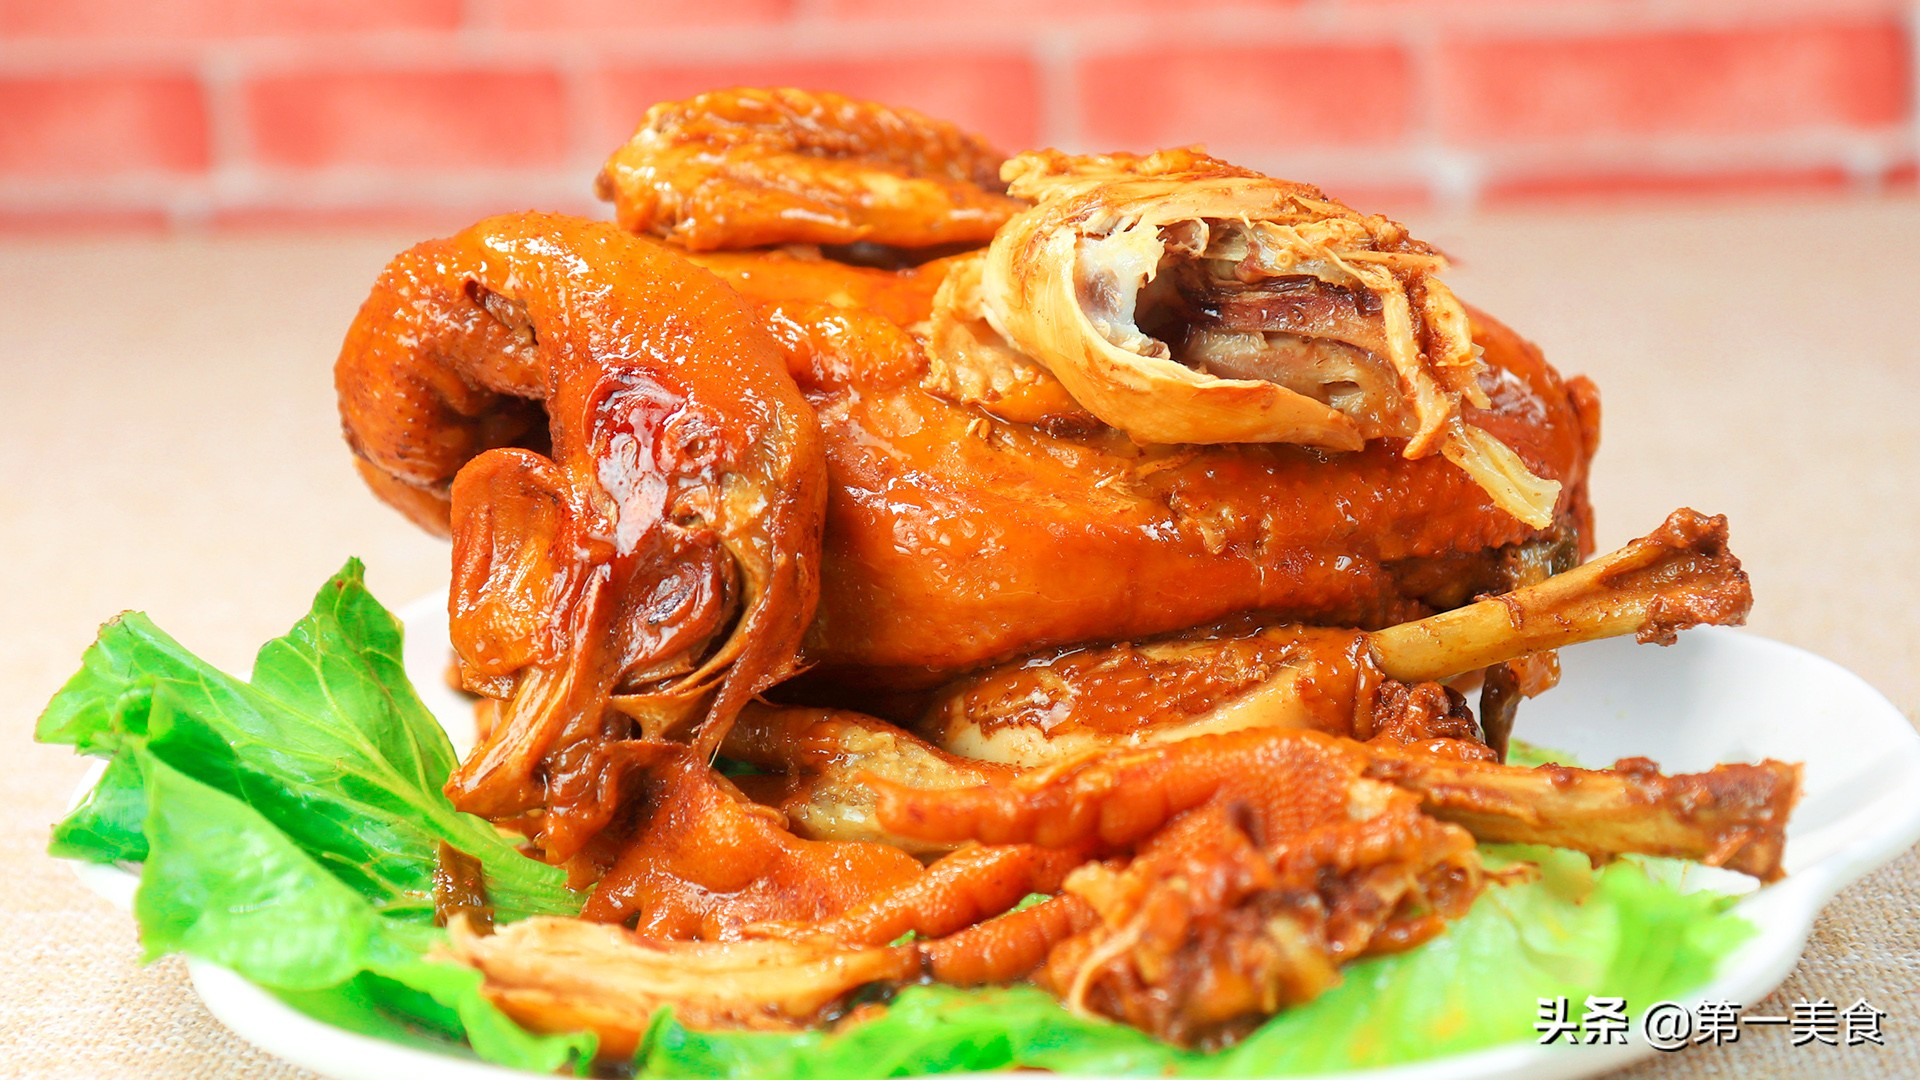 懒人版电饭锅煲鸡 不加水 不加油 腌制才是关键 鲜嫩好吃